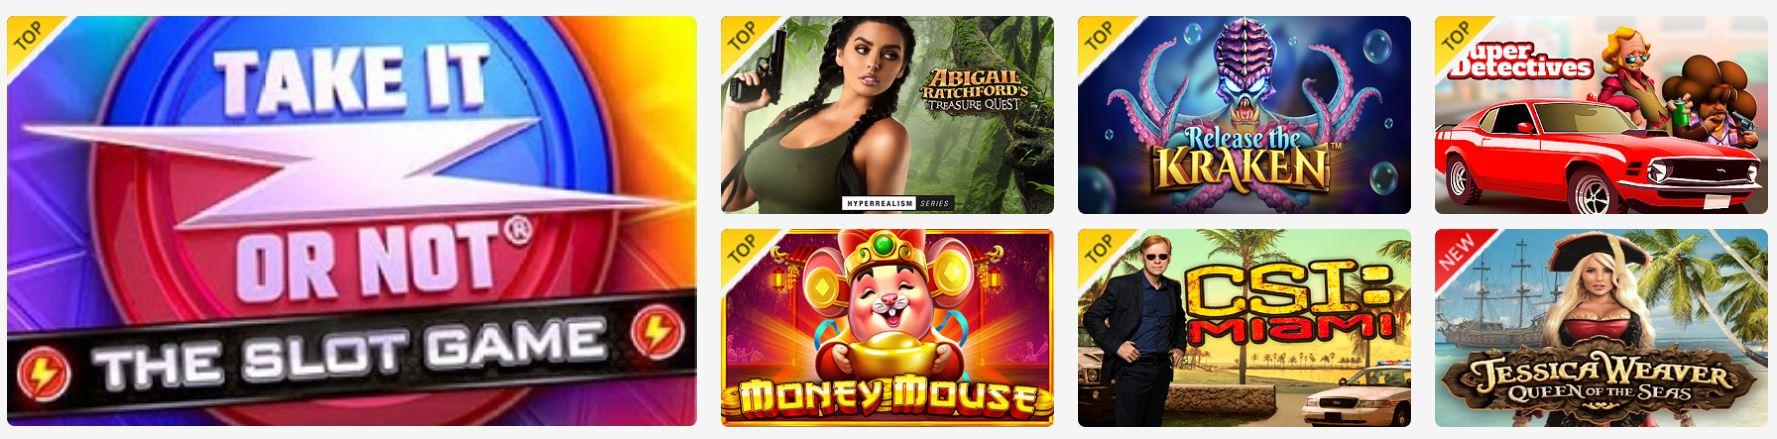 Los juegos de azar son una de las especialidades de este casino.